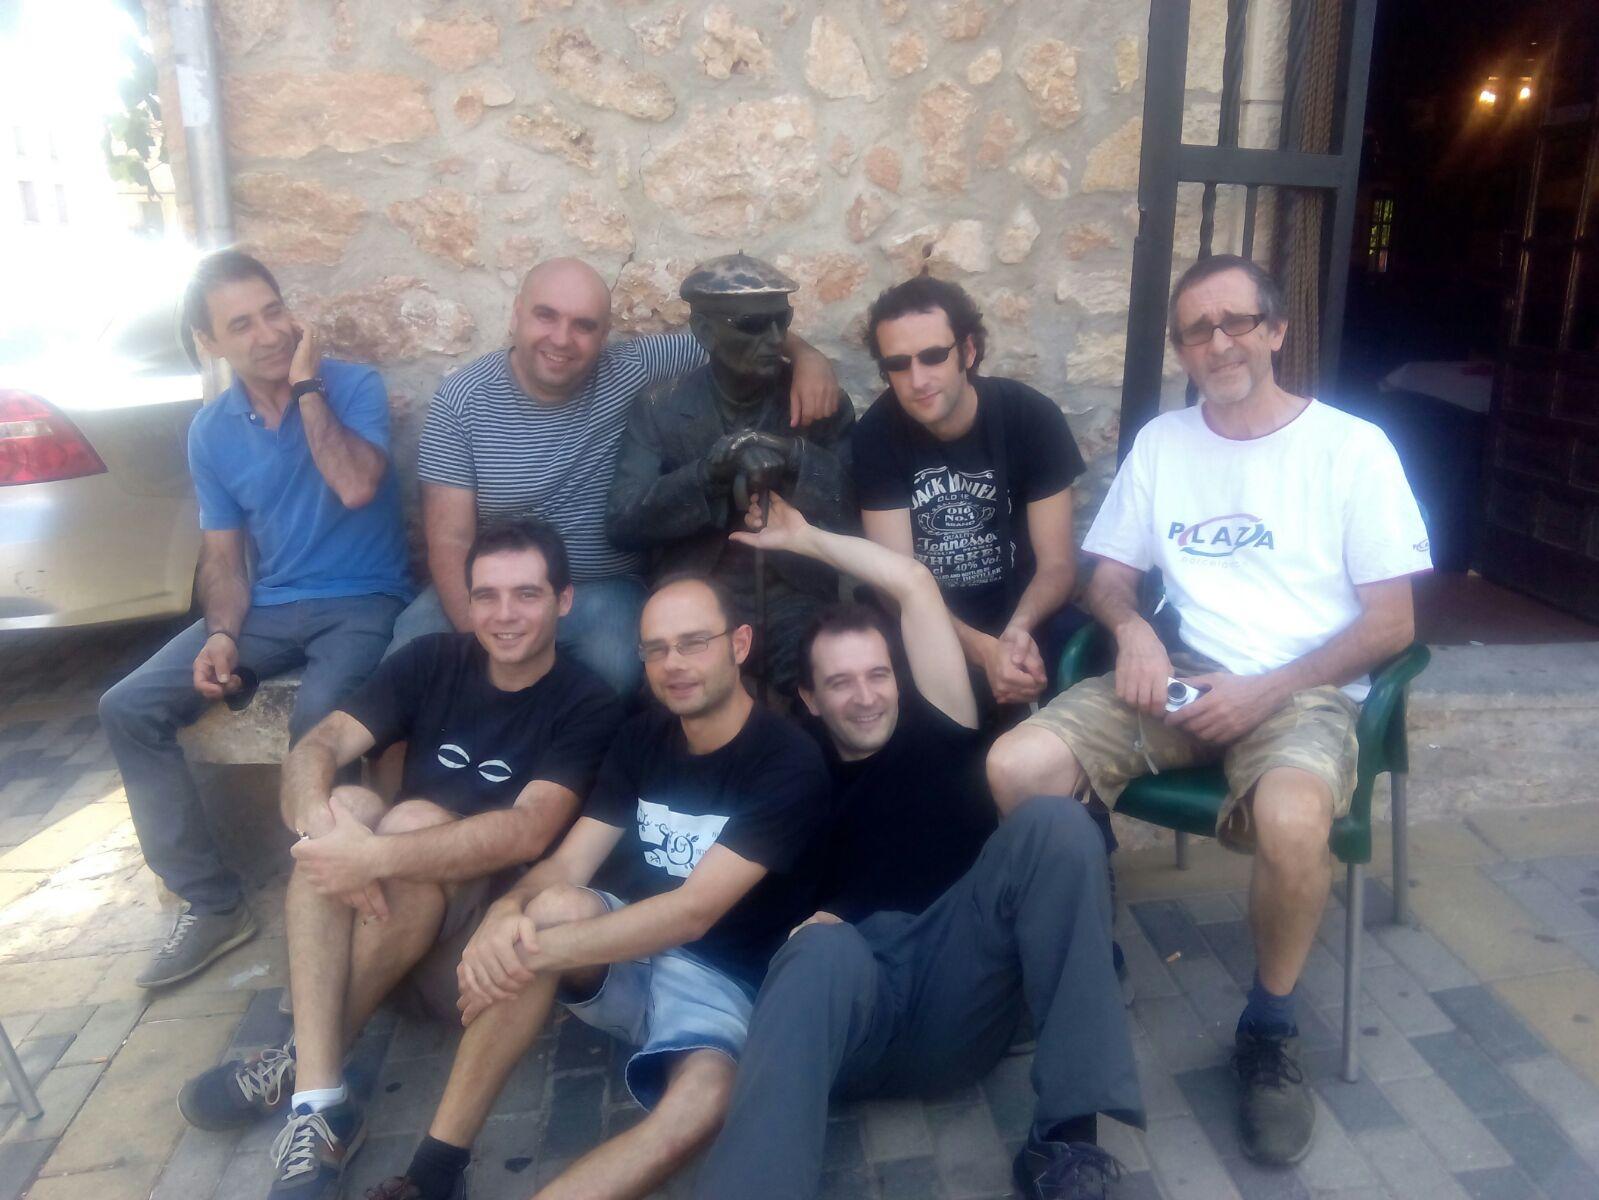 Orquesta The 8 y 1/2 Band. Mecerreyes, agosto 2015